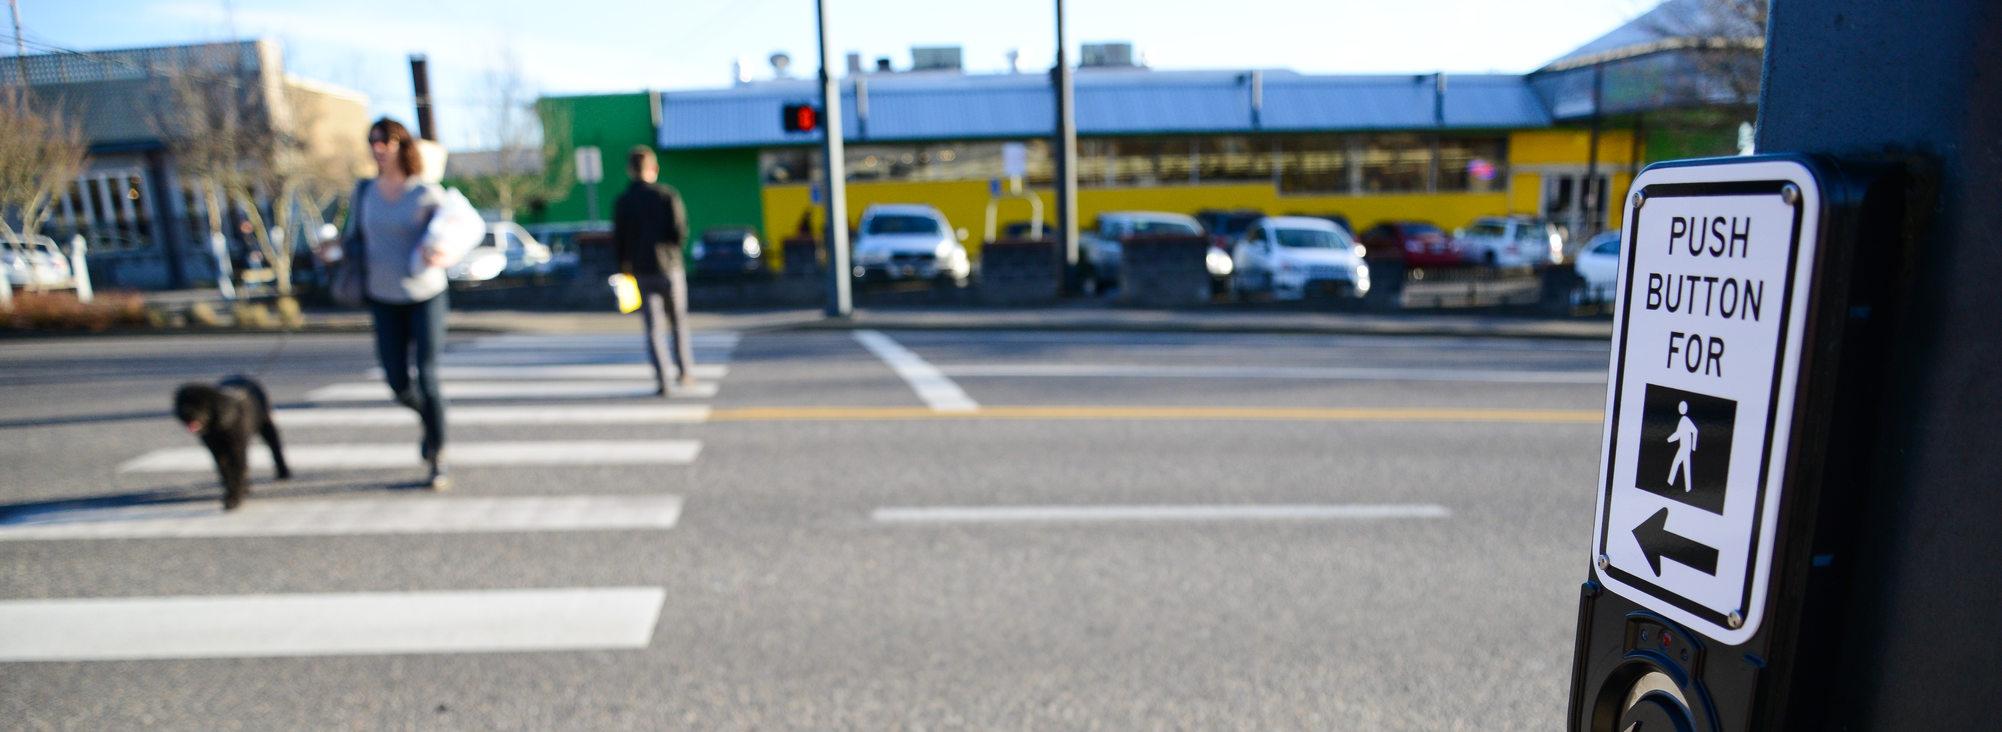 Crosswalk in Hillsdale